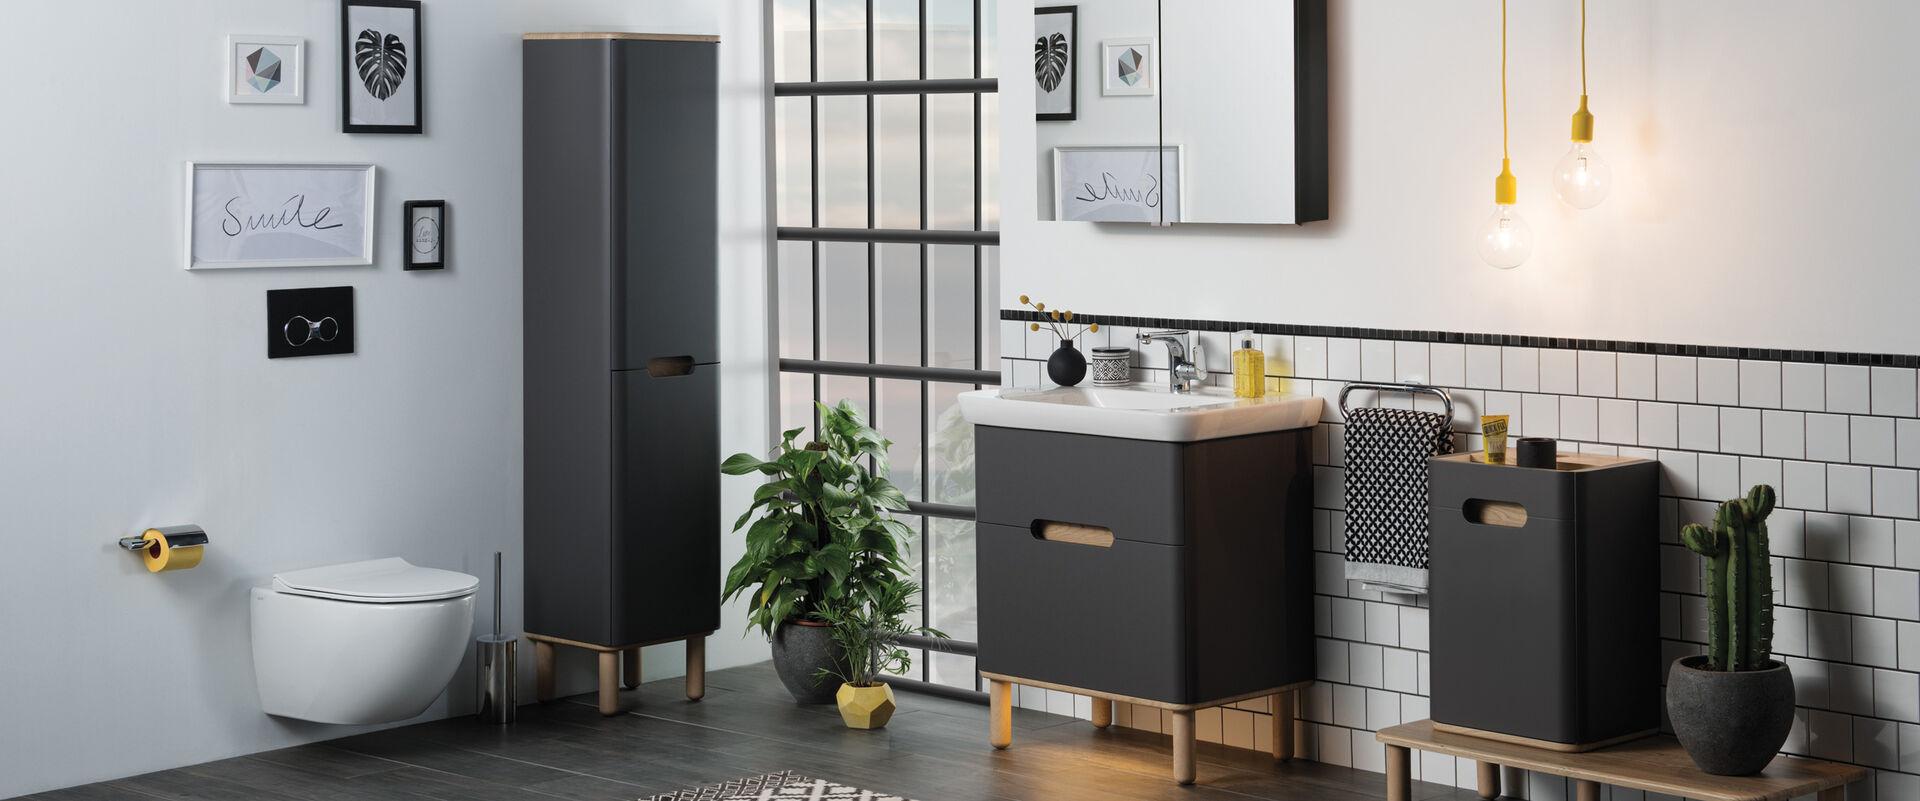 Splash Bad Badezimmer Ideen Fur Das Neue Traumbad